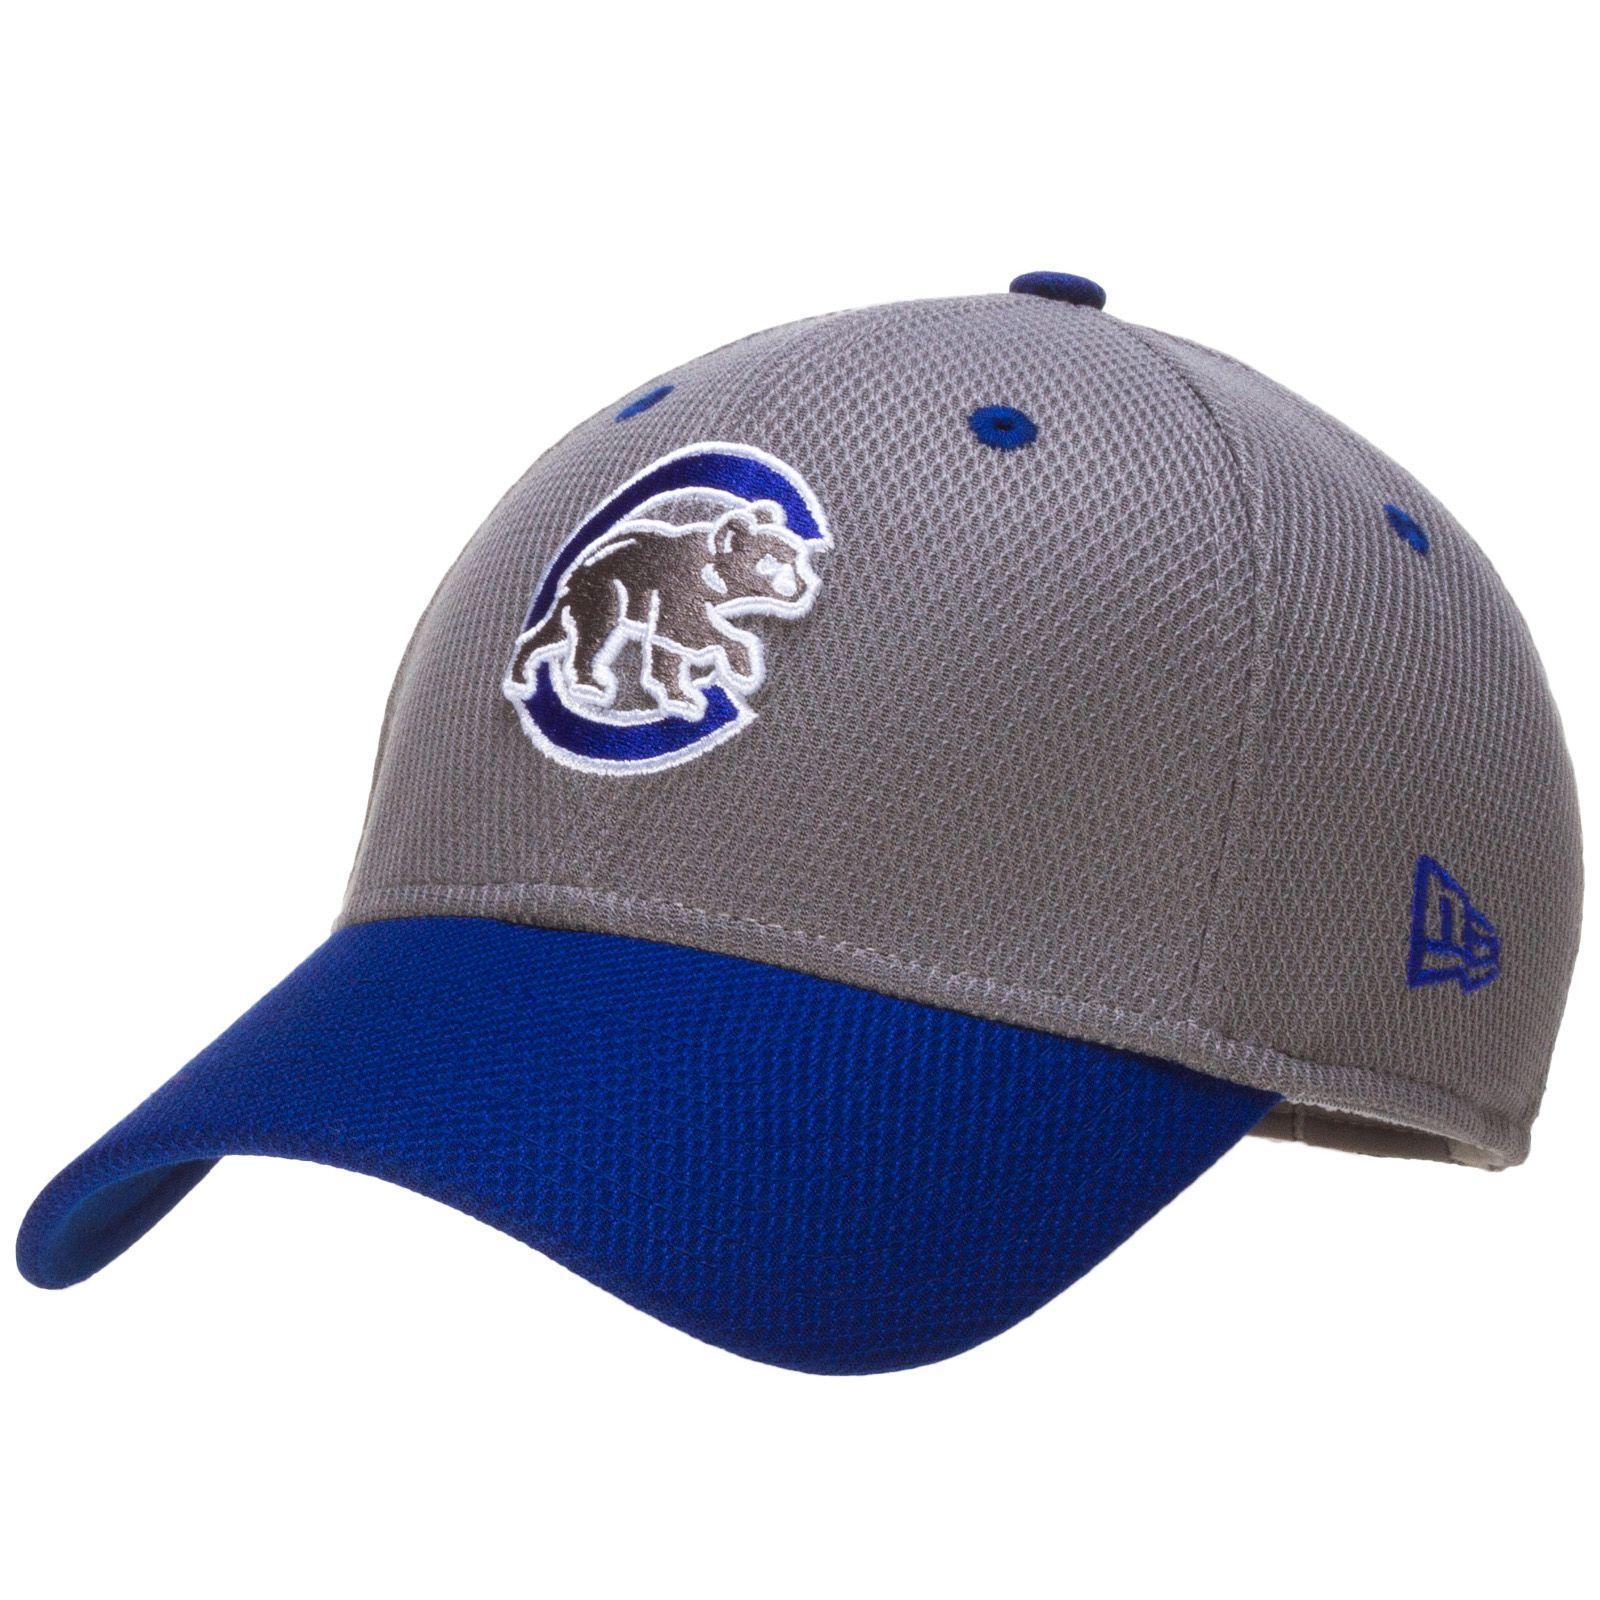 0bdf13b65ec Chicago Cubs Grey and Blue Crawl Bear Flex Fit Hat by New Era  Chicago